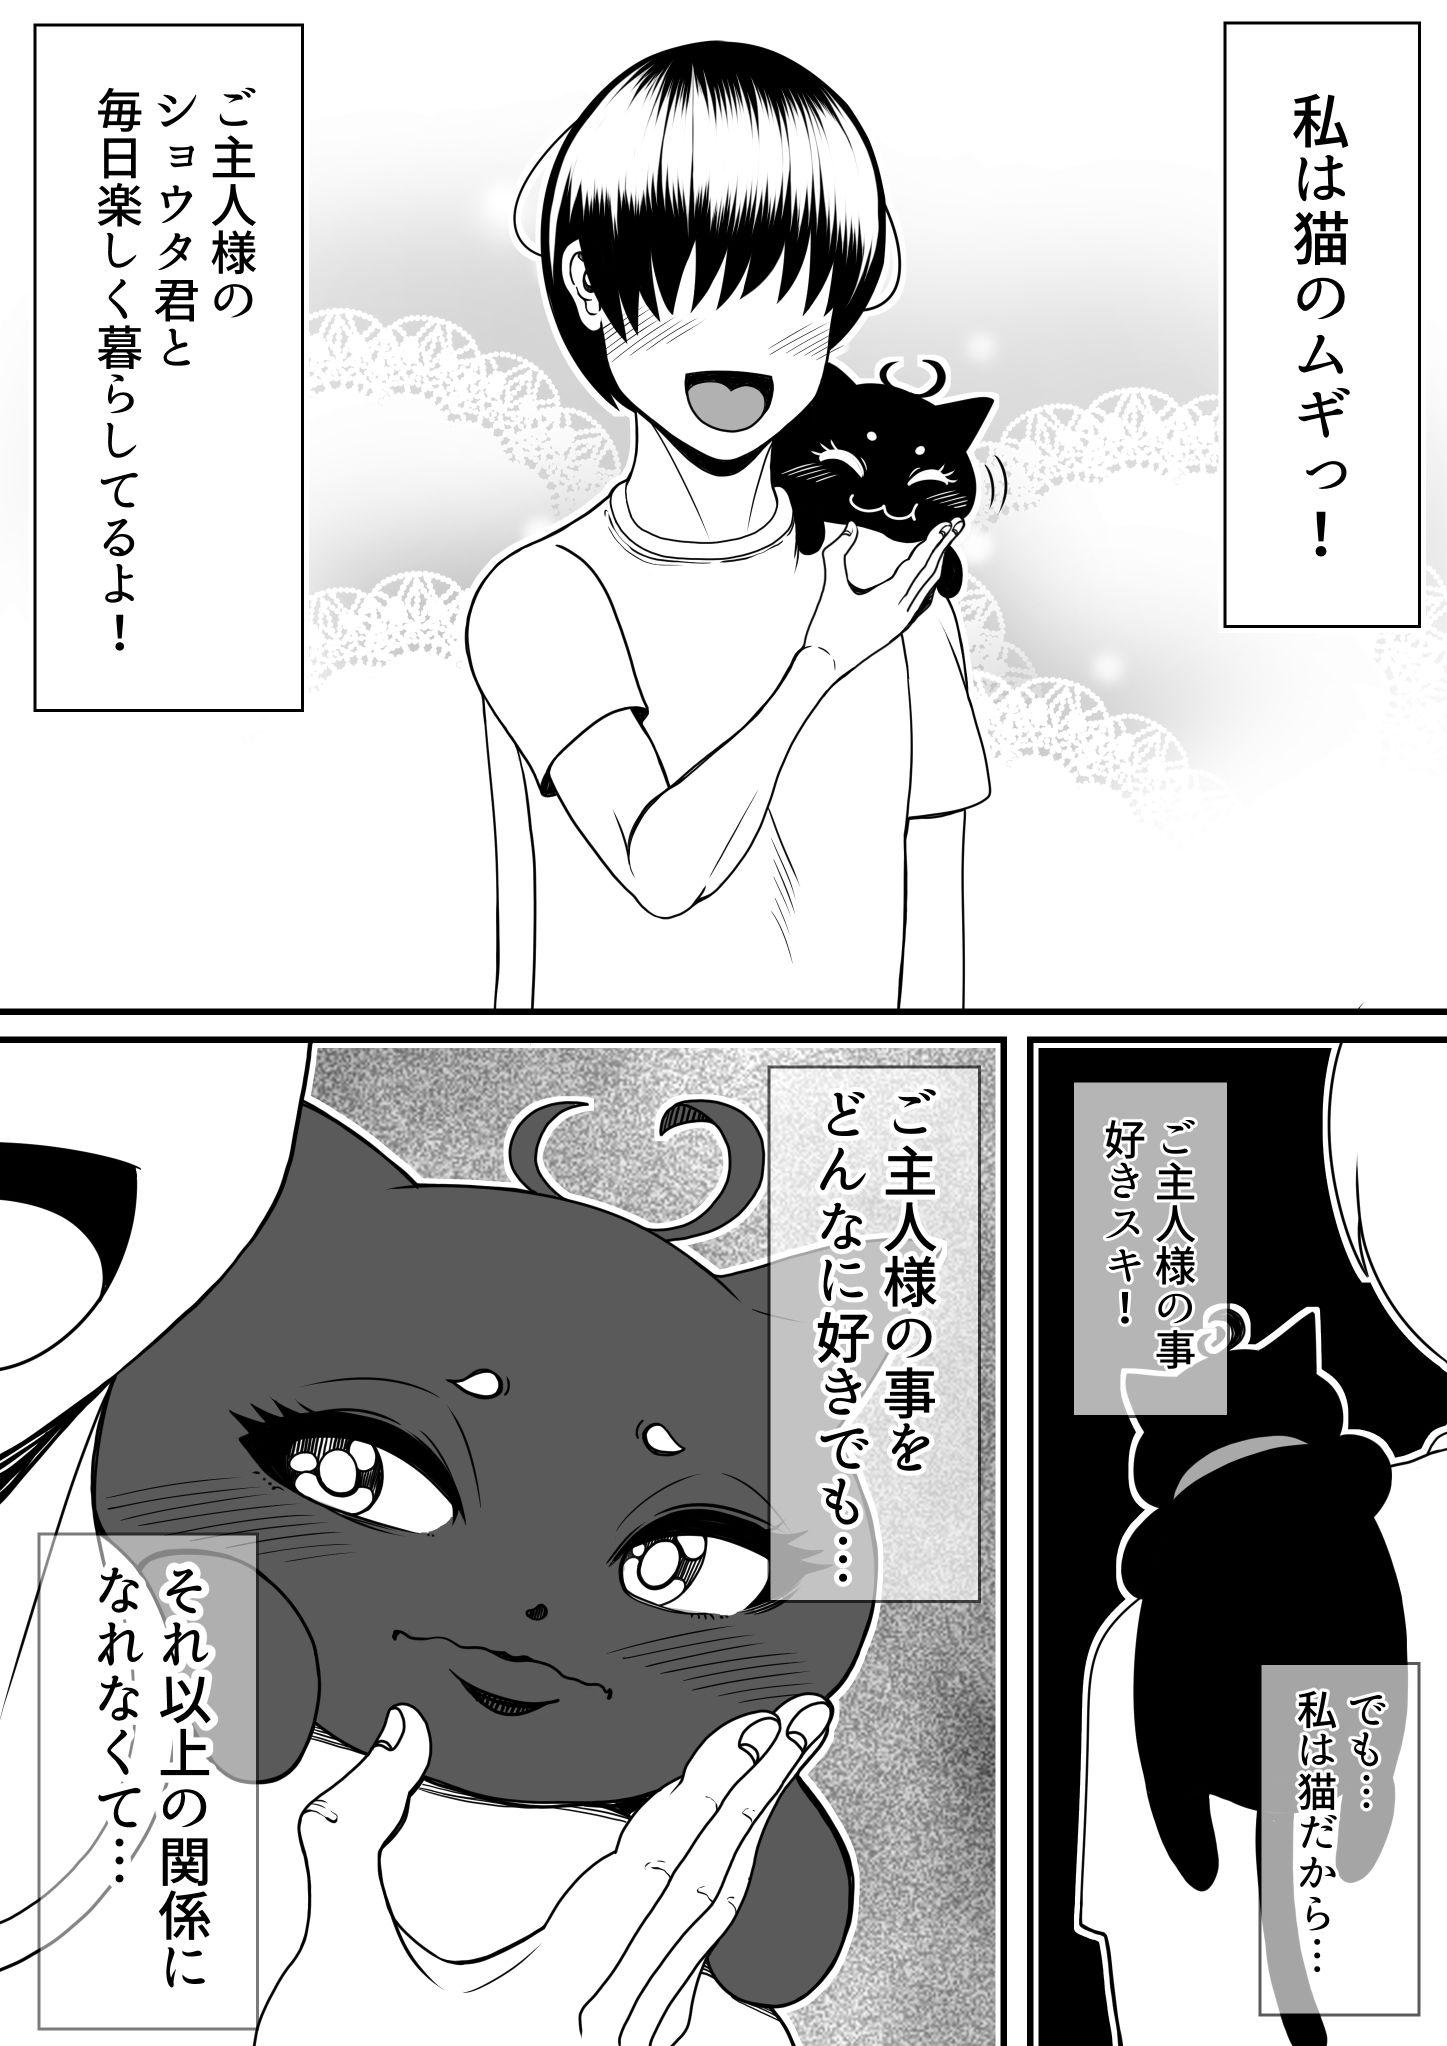 ネコのムギちゃん人間化して36歳の熟々ボディになる